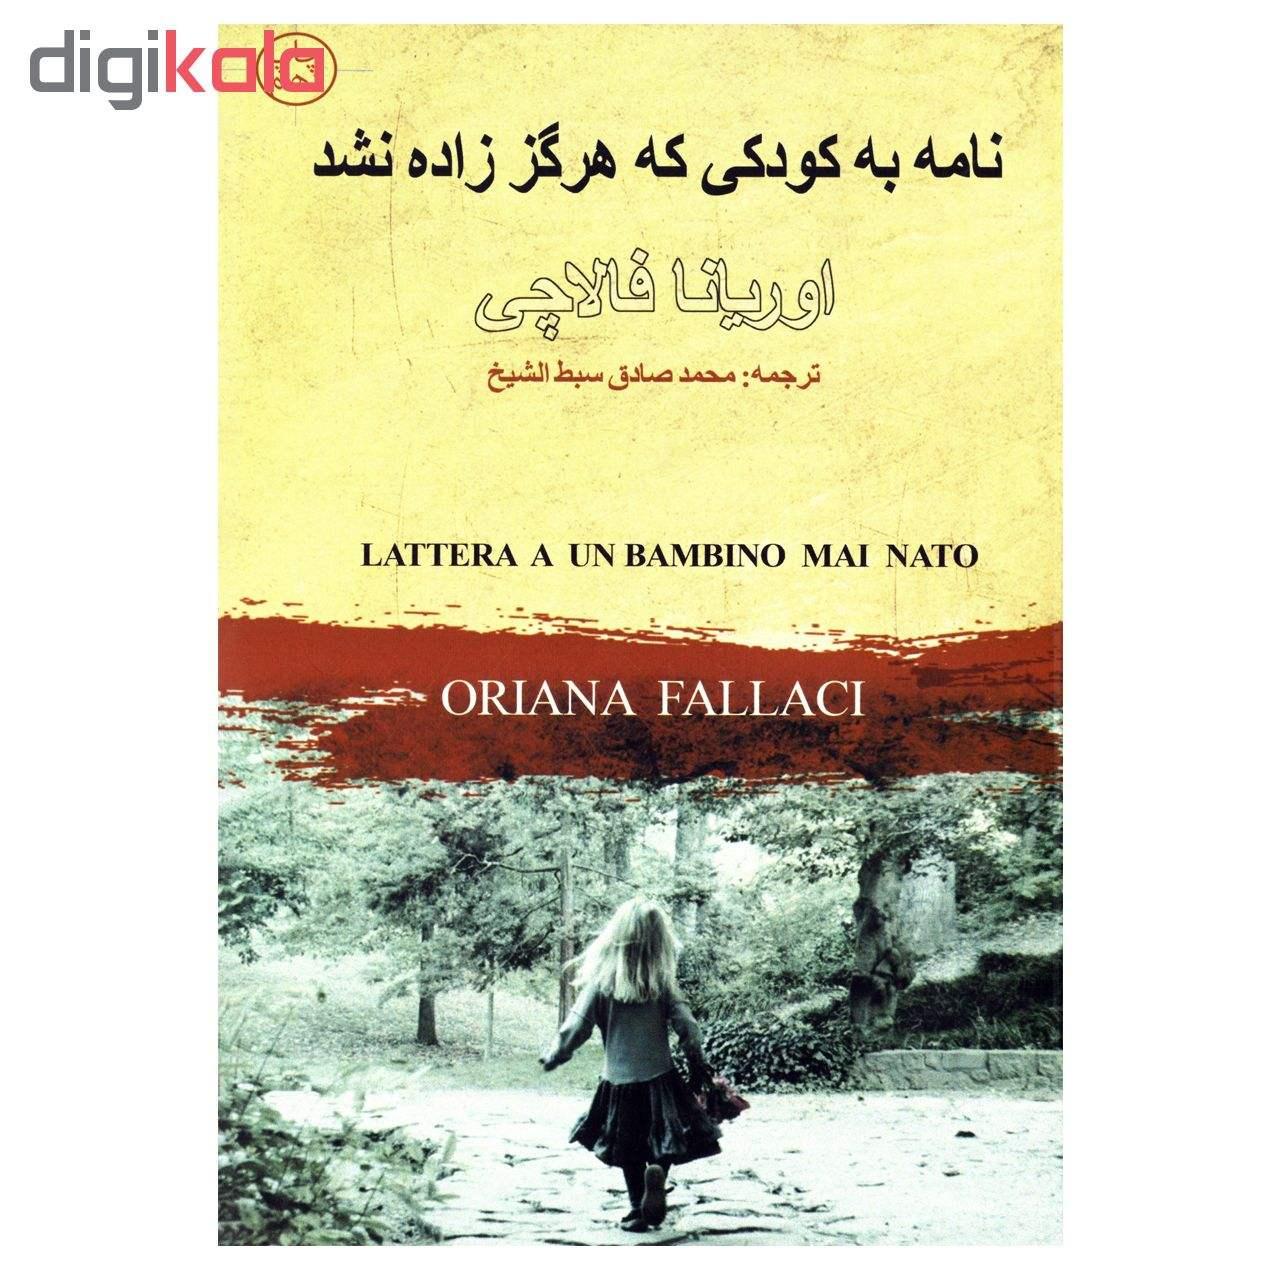 کتاب نامه به کودکی که هرگز زاده نشد اثر اوریانا فالاچی نشر چلچله main 1 1